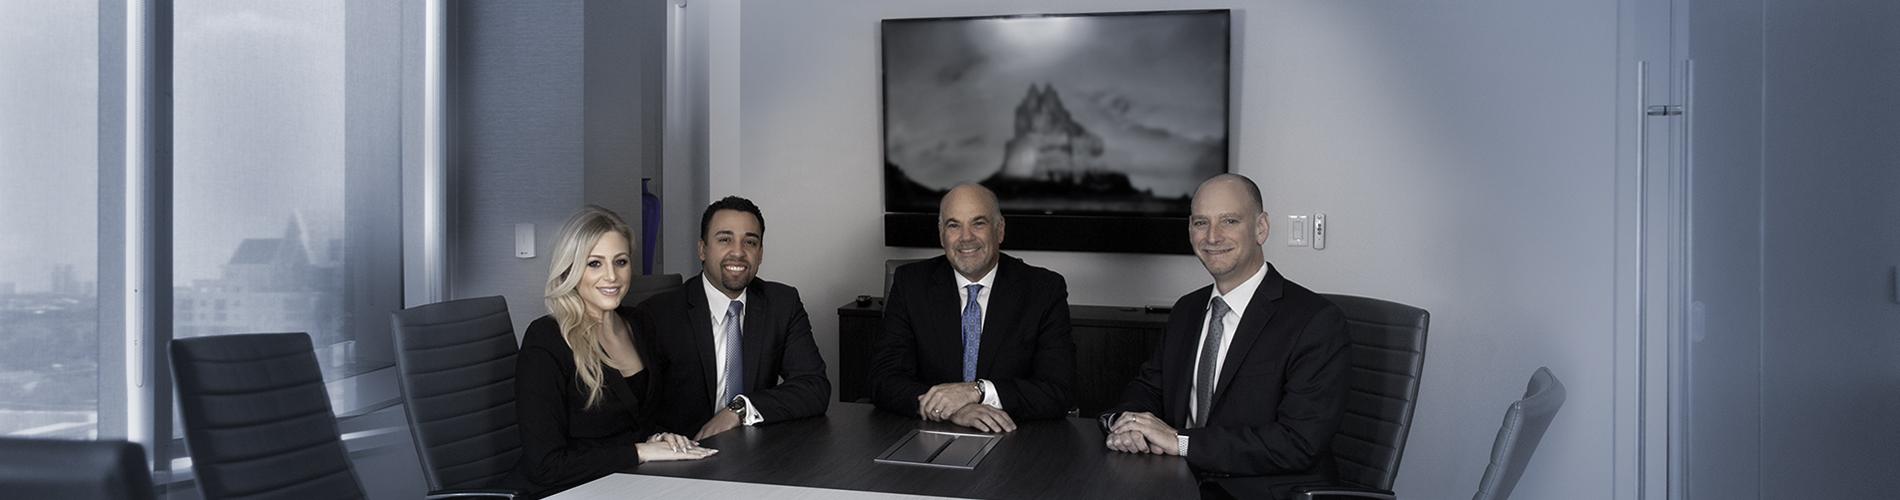 Cohen Blostein Ayala Attorneys - Image